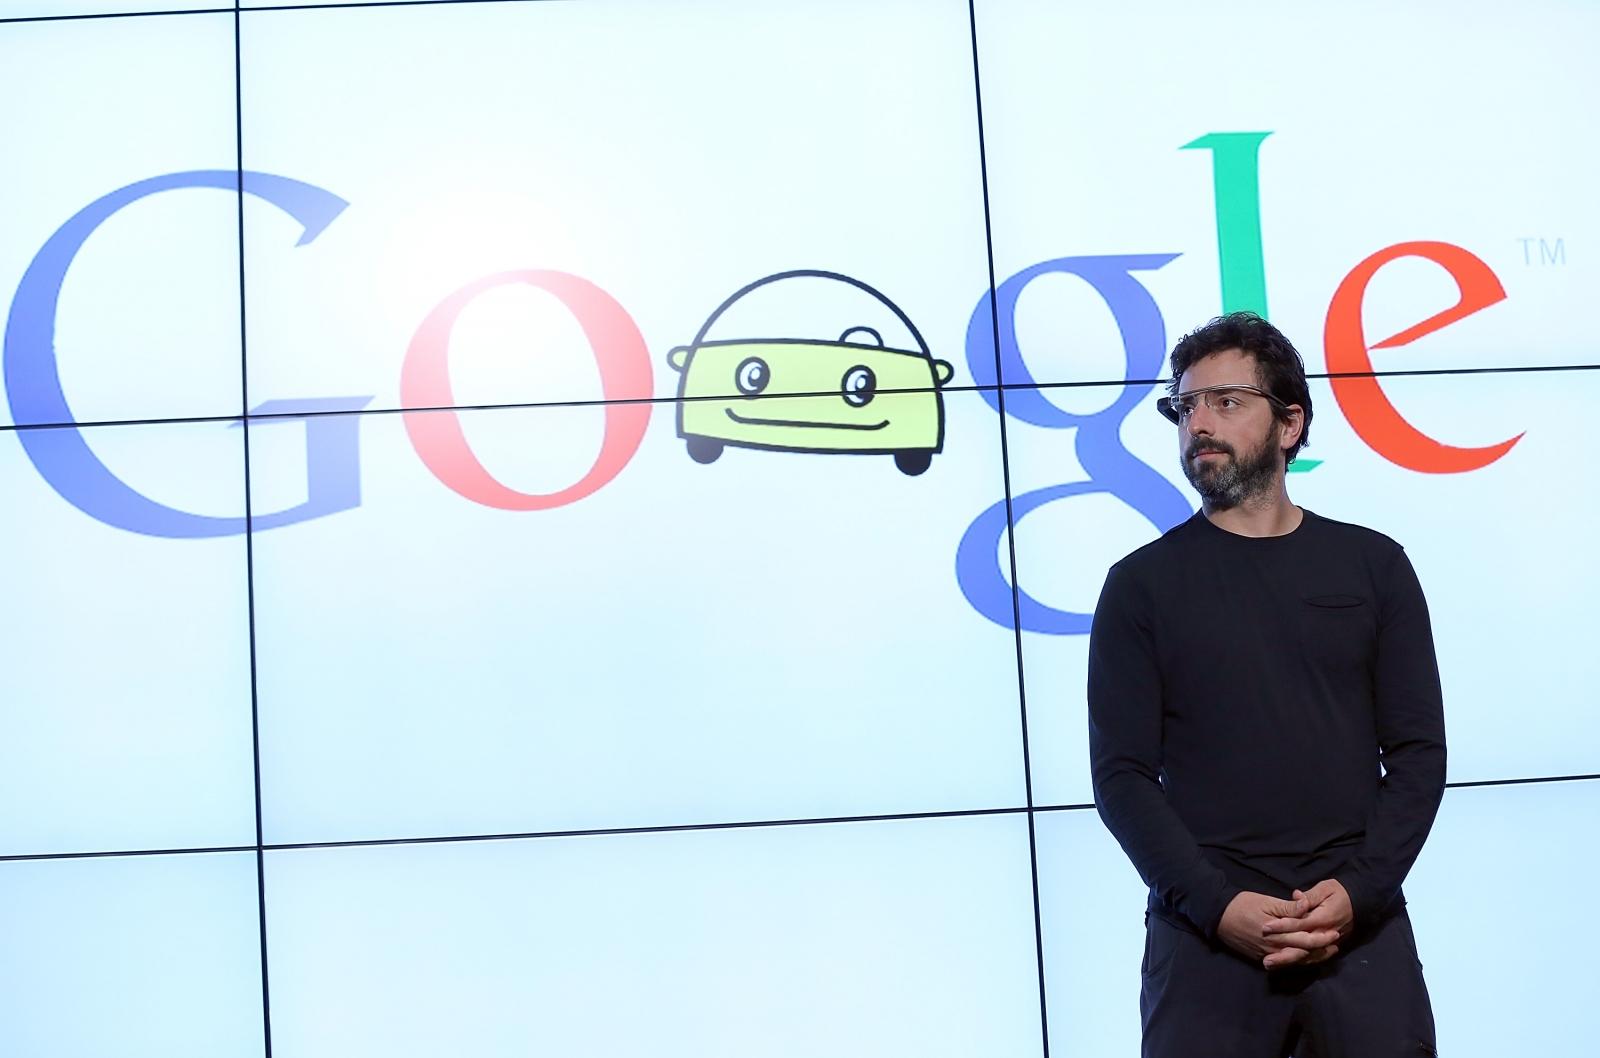 Sergey Brin building airship at NASA Ames Research Center